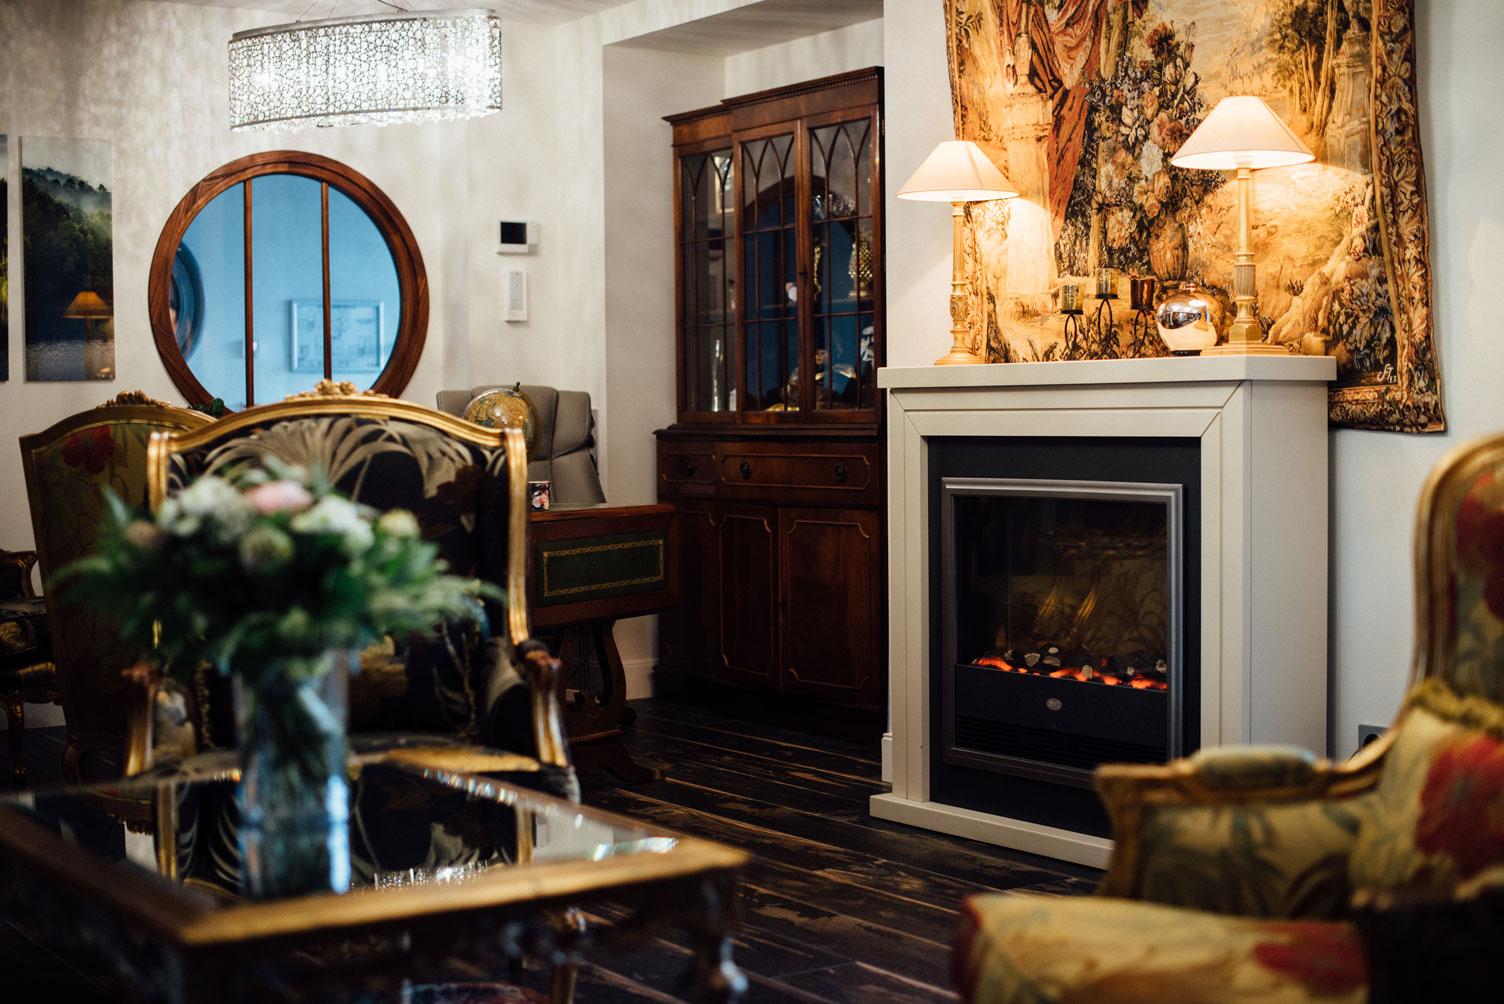 Acceuil, fauteuils, bureau, fleurs, vase, tapisserie | Amirauté Hôtel La Baule